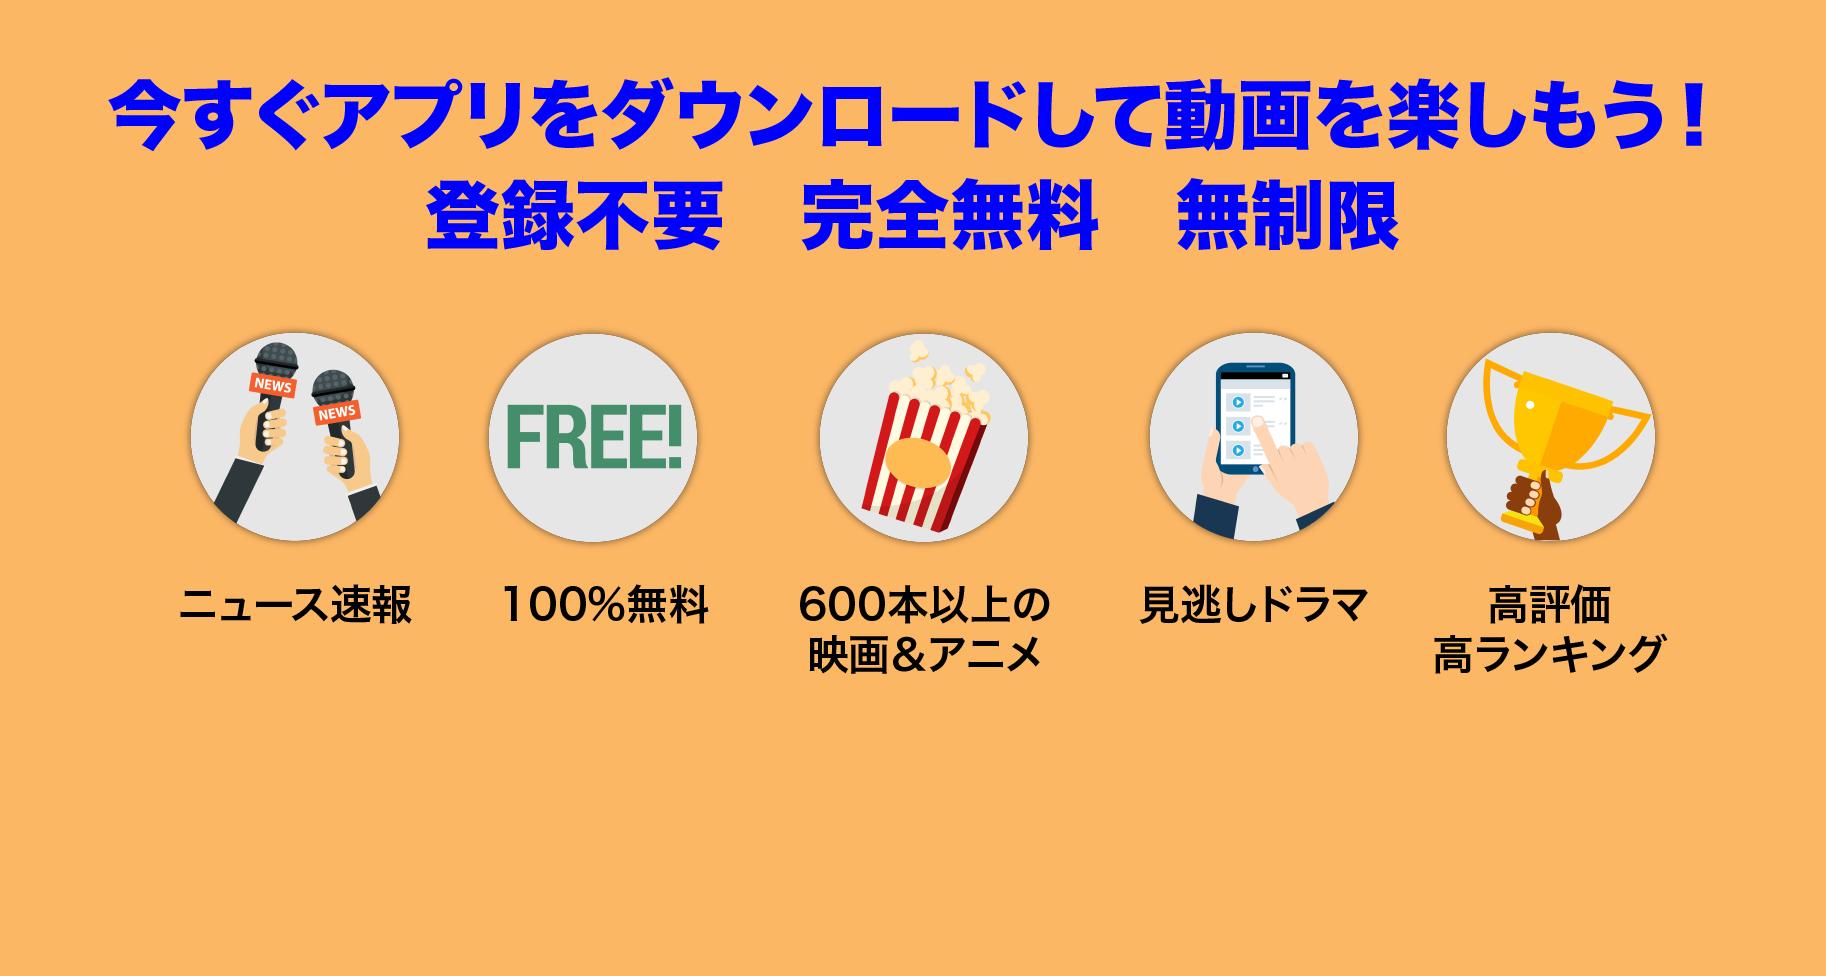 今すぐアプリをダウンロードして動画を楽しもう!登録不要!完全無料!無制限!ニュース速報、600本以上の映画&アニメ、見逃しドラマ、高評価&高ランキング